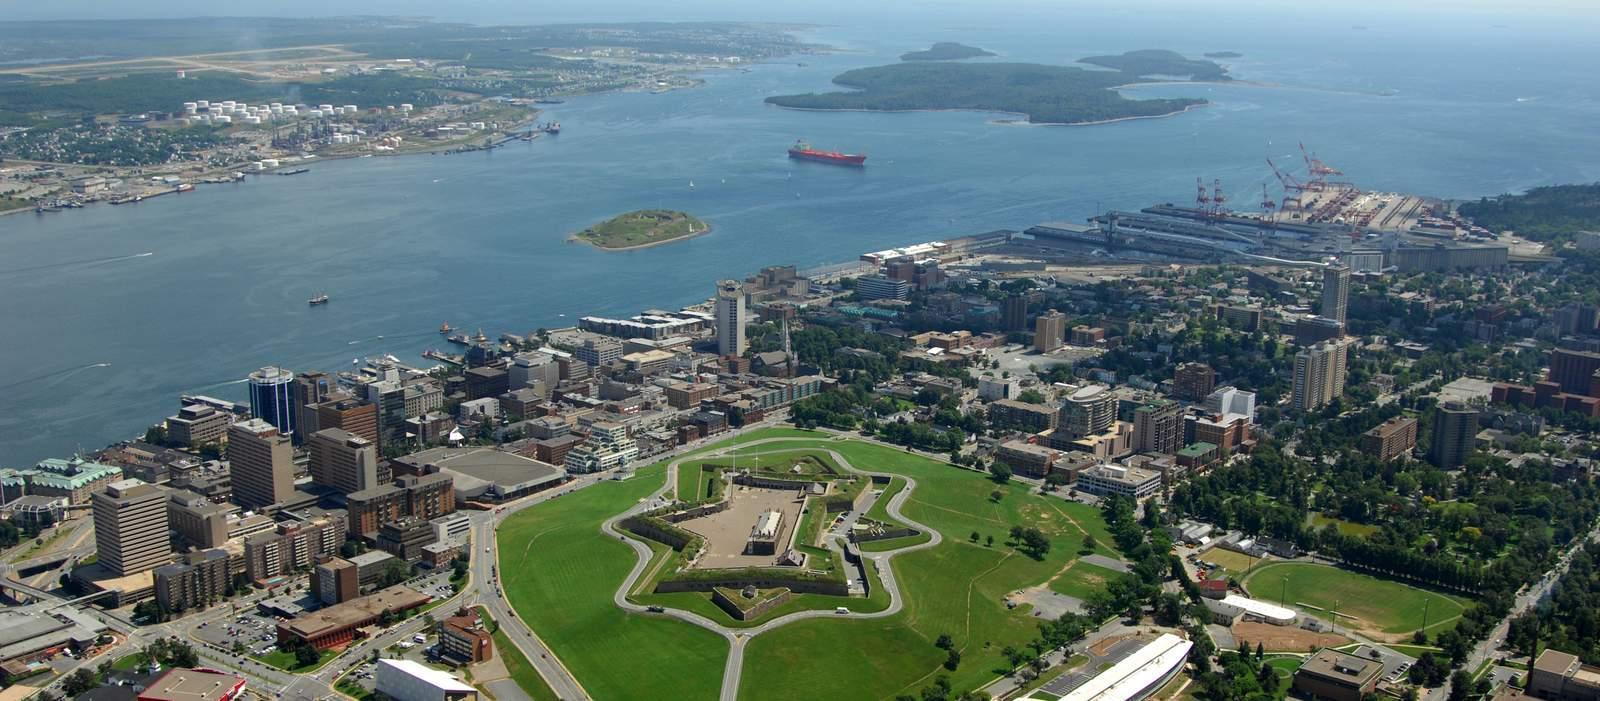 Zitadelle von Halifax